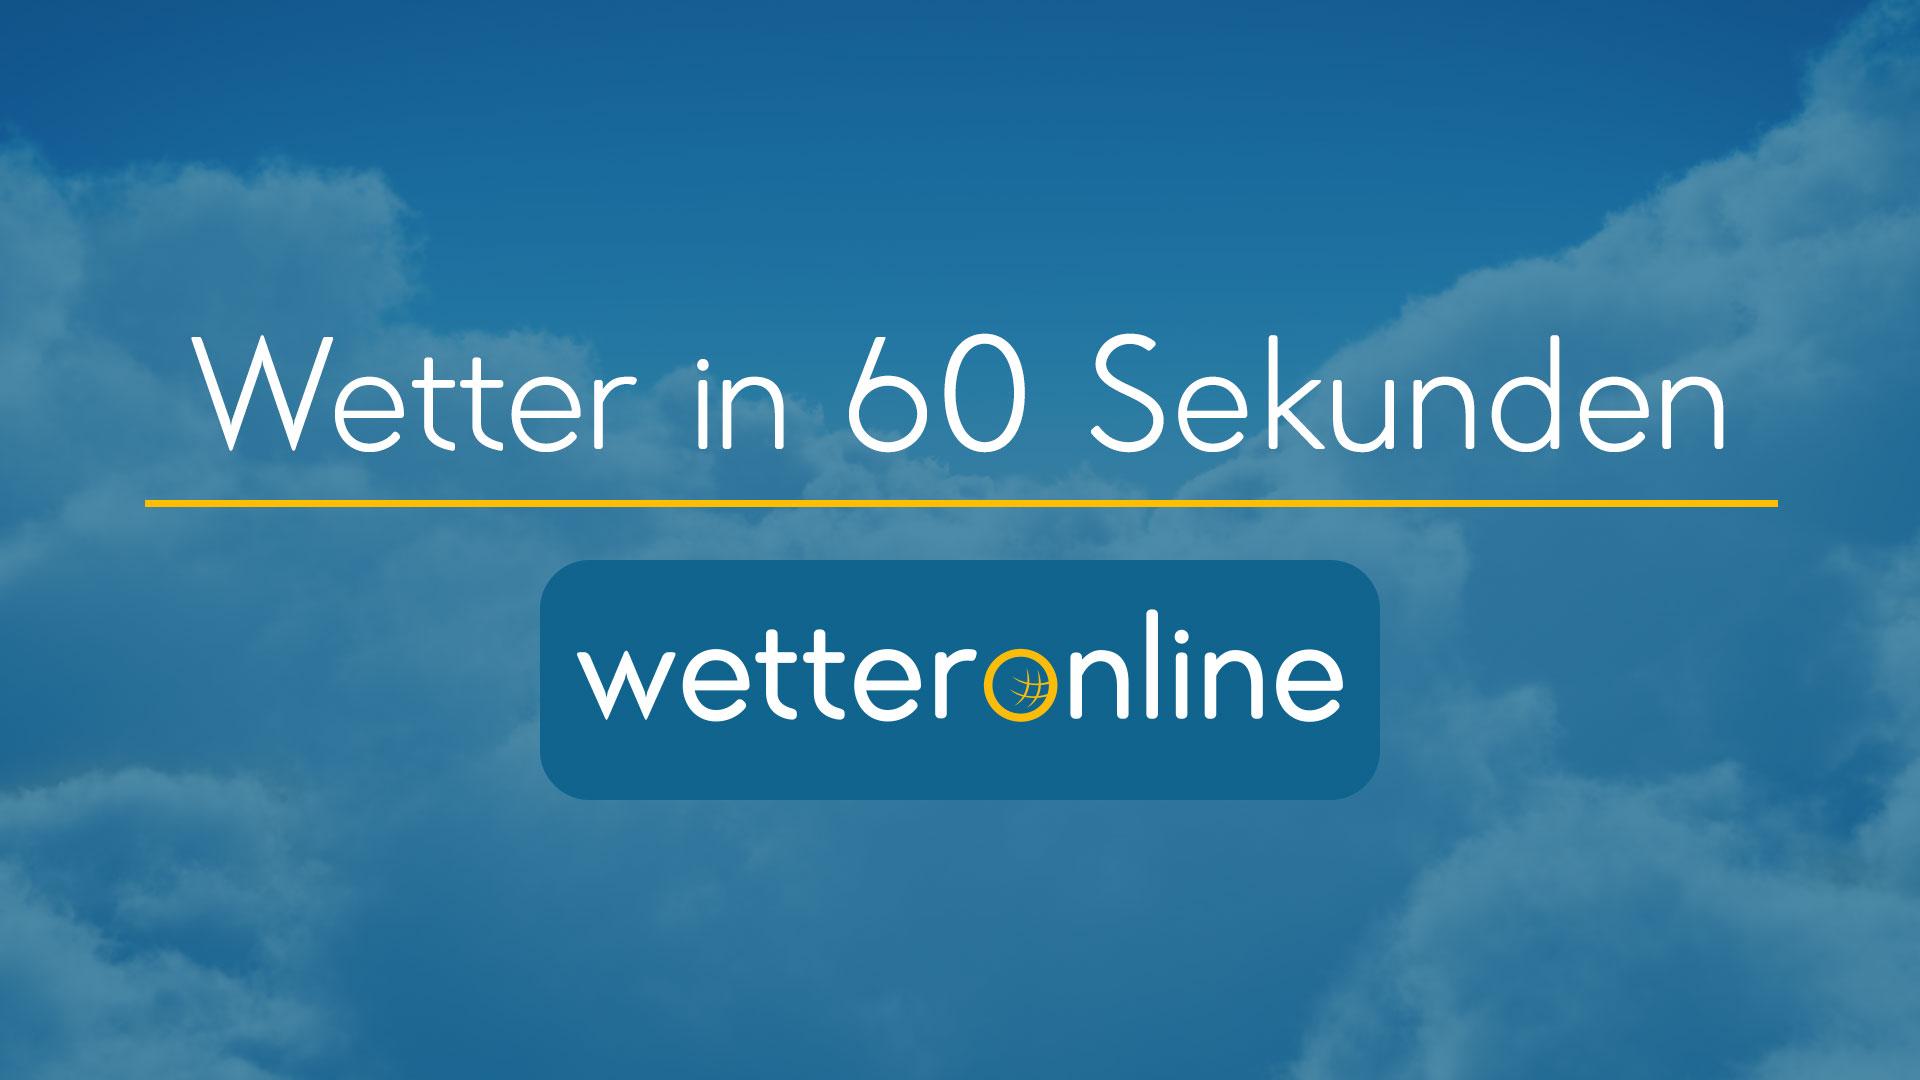 wetter online karlsruhe